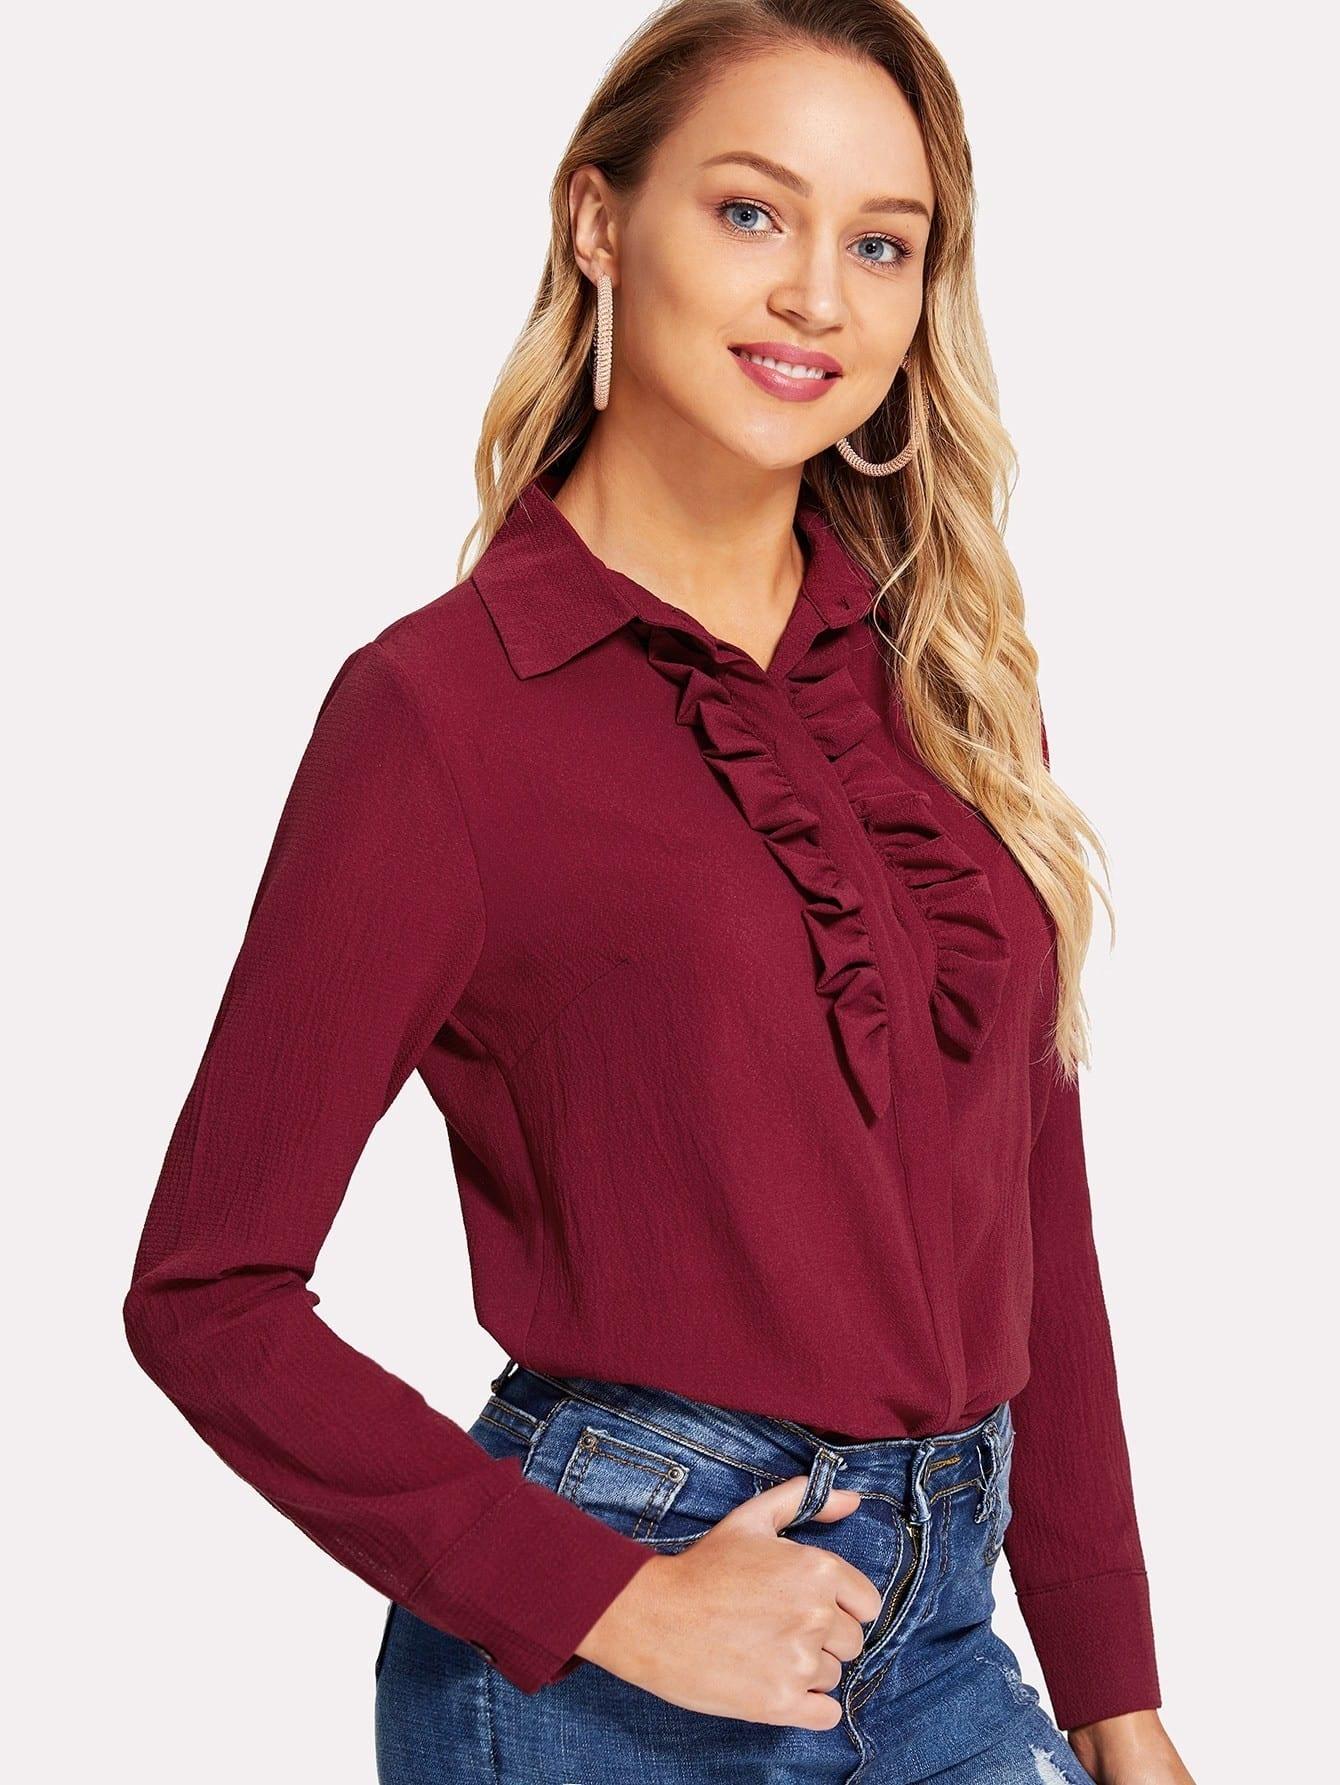 Frill Trim Solid Color Shirt frill trim shirt